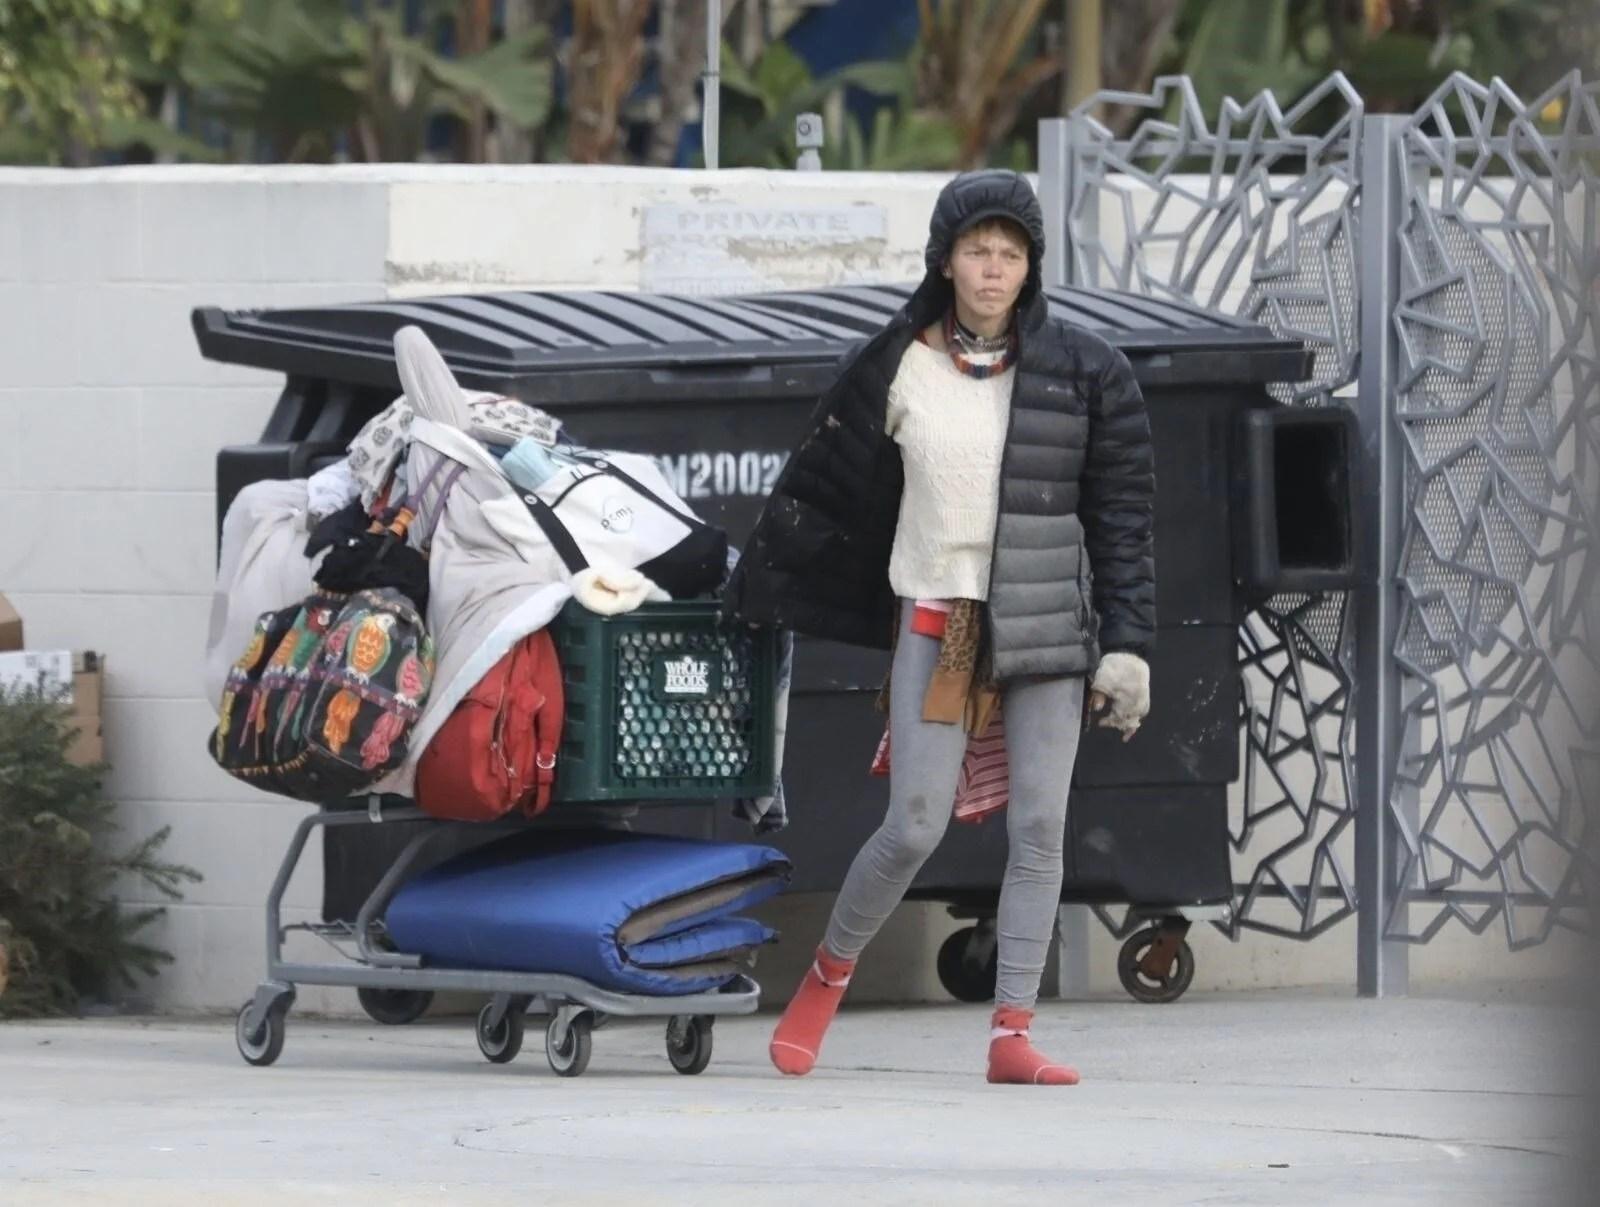 Loni Willison yine çöpleri karıştırırken görüntülendi - 8